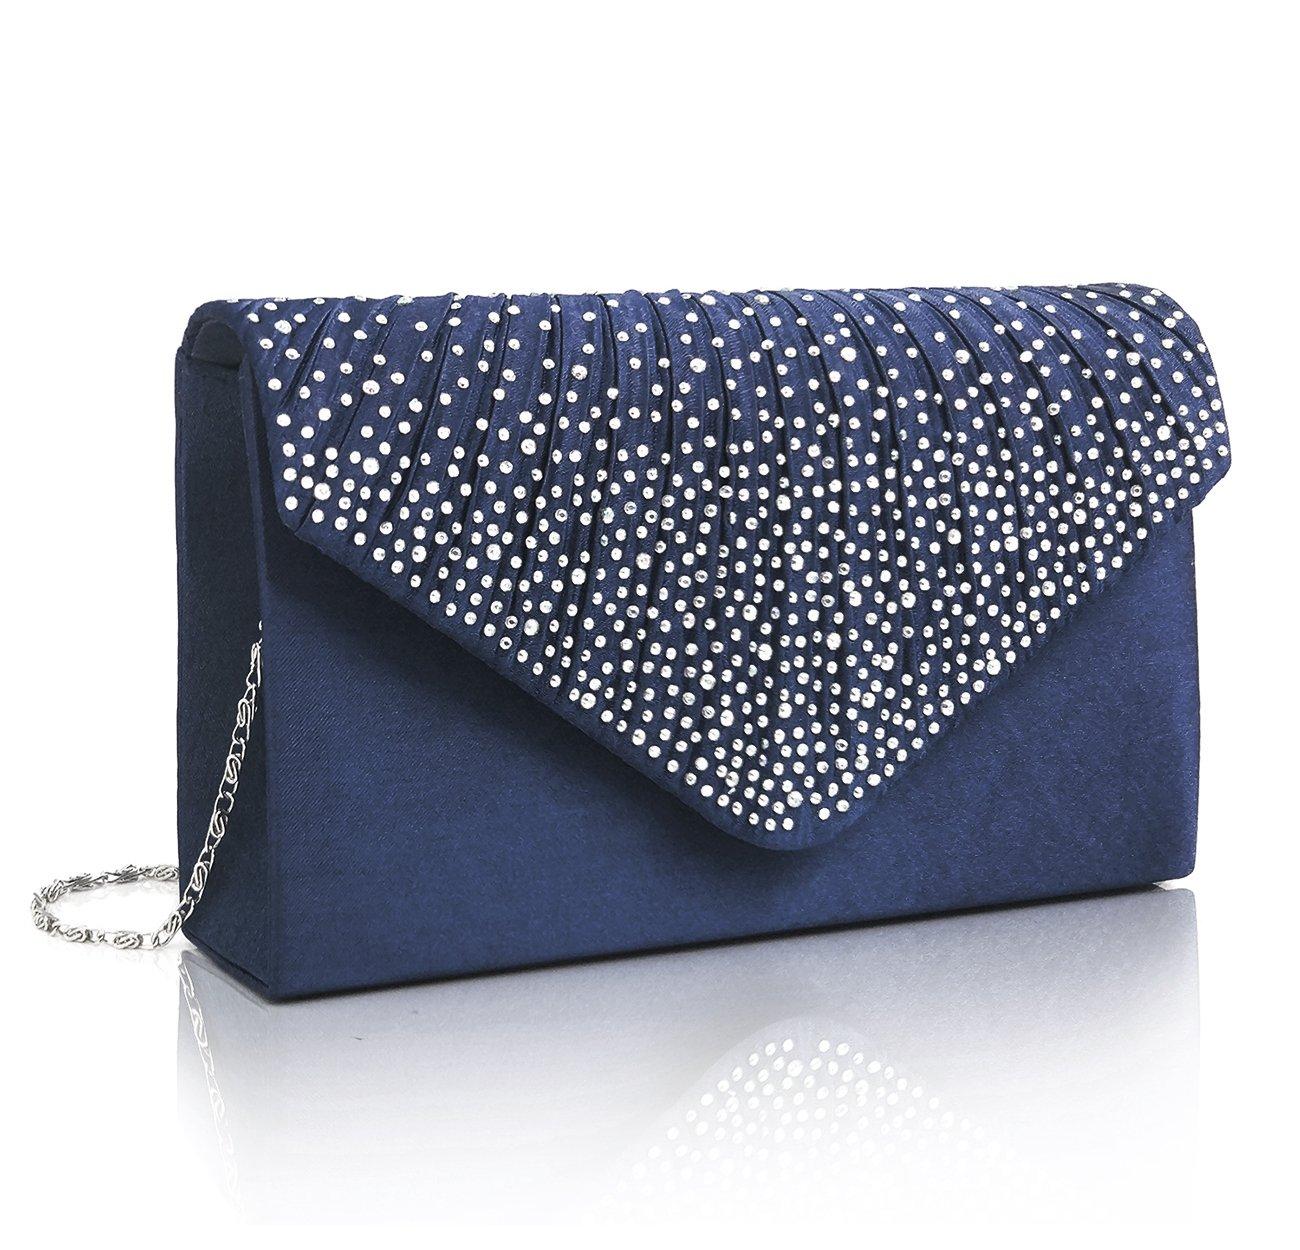 EssVita Noche Boda Nupcial Fiesta Embrague Bolso para mujeres Diamantes Escarchado Sobre Bolso Bolsas de hombro Azul Oscuro Ess-ClutchBag001-Dbe